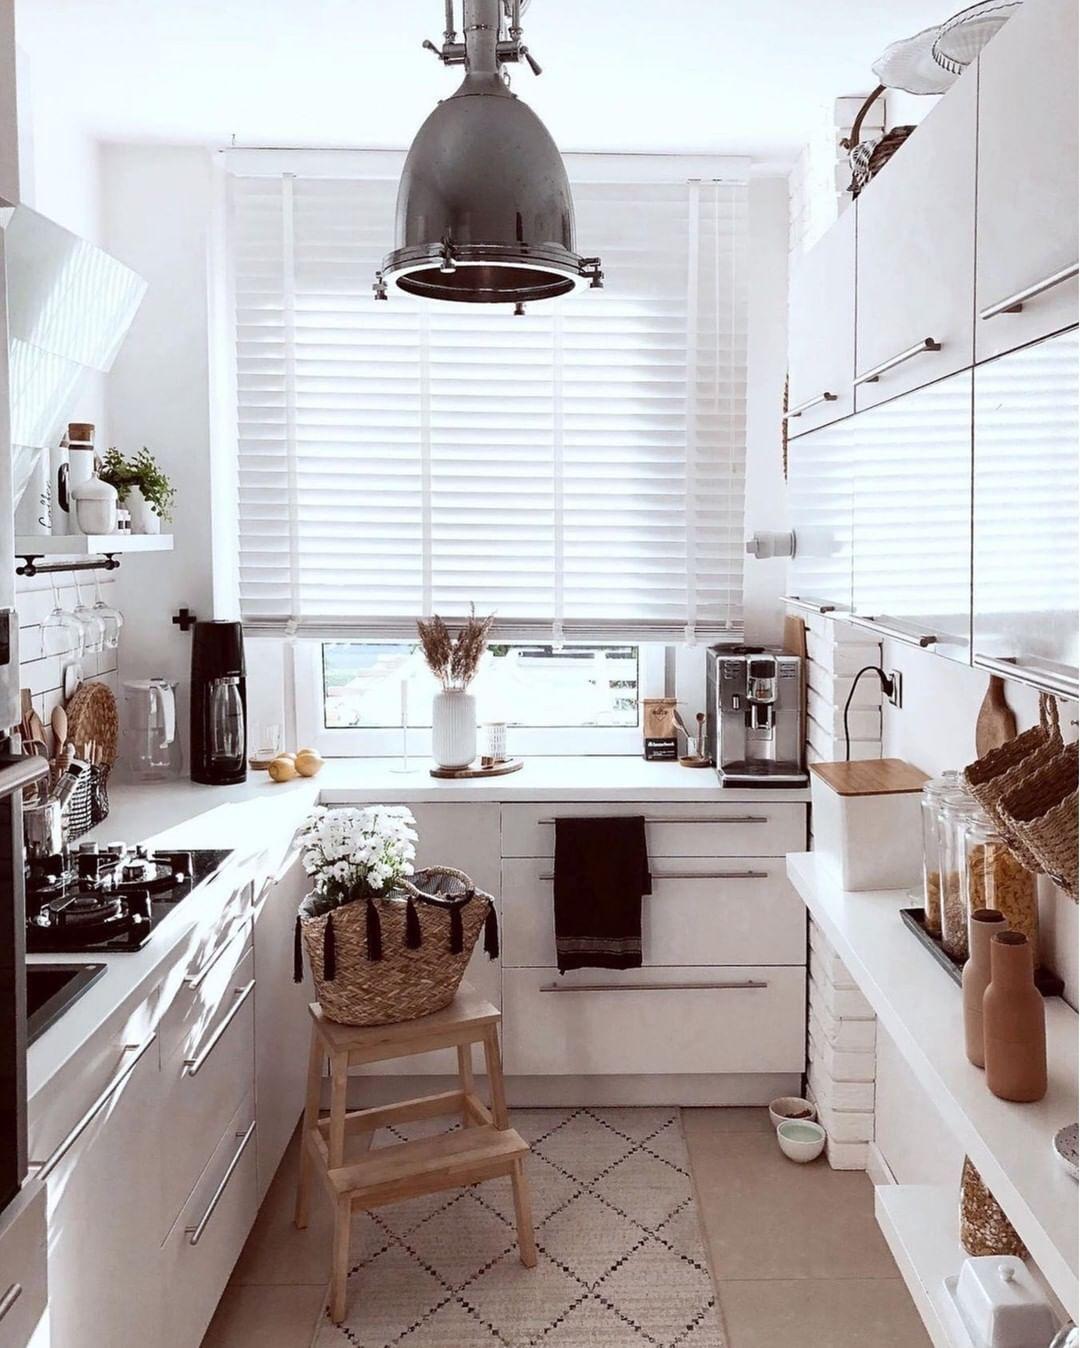 Kuchnia To Serce Domu Zgadzasz Sie Z Tym Stwierdzeniem Kitchen Decor Home Decor Kitchen